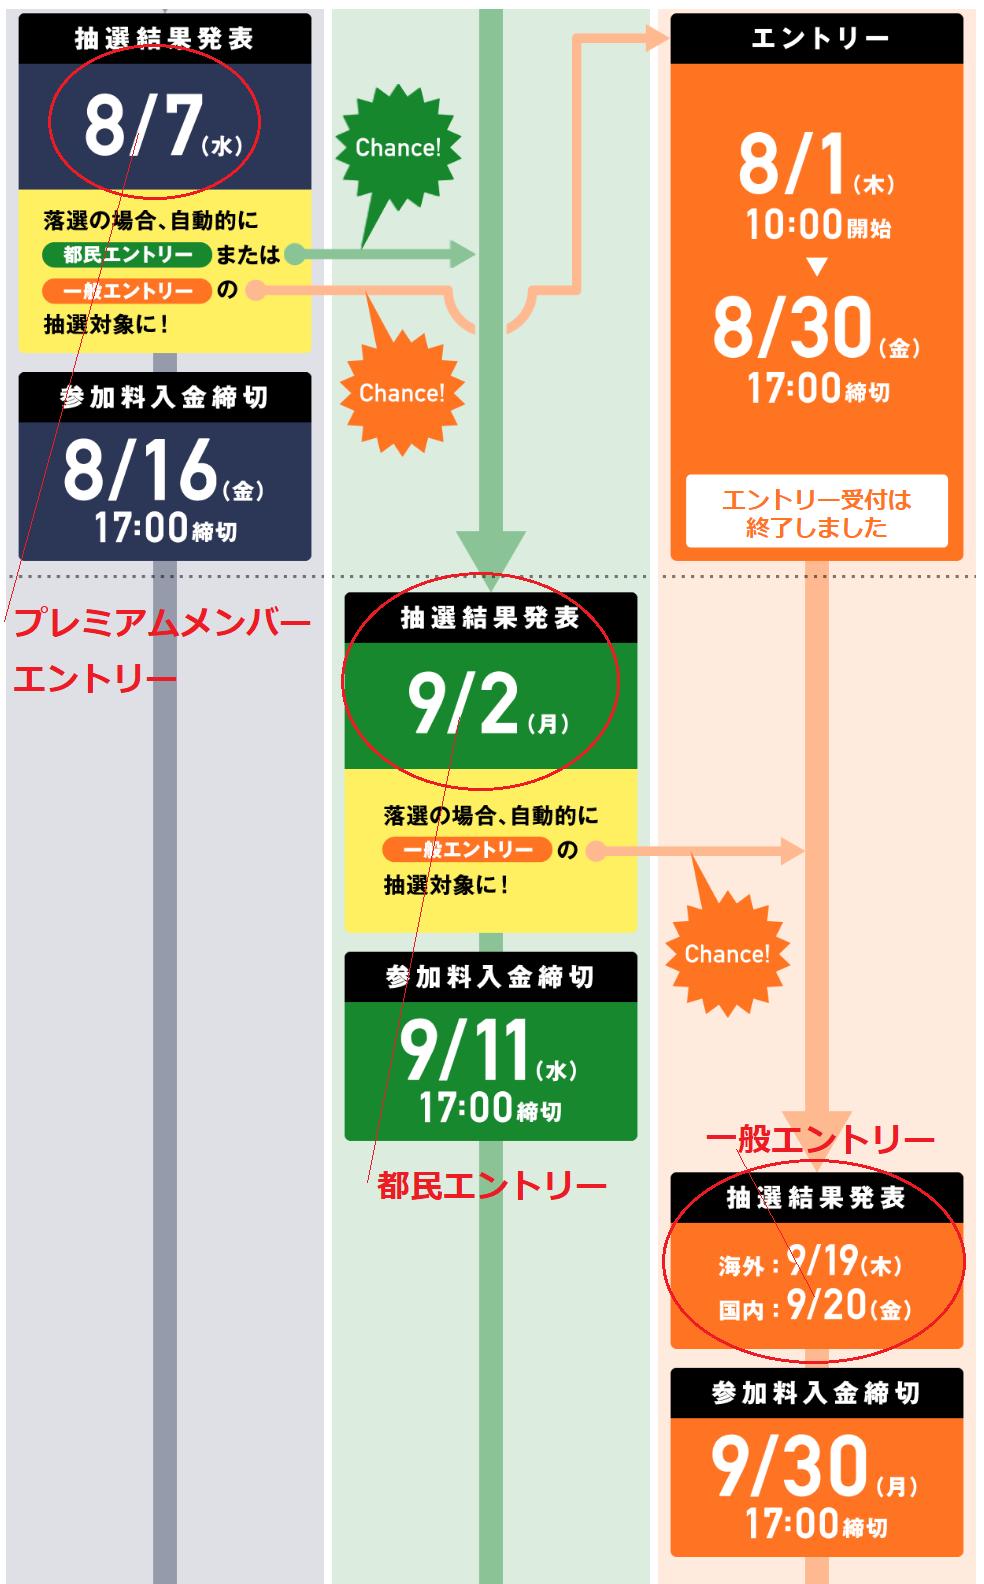 東京マラソン抽選日